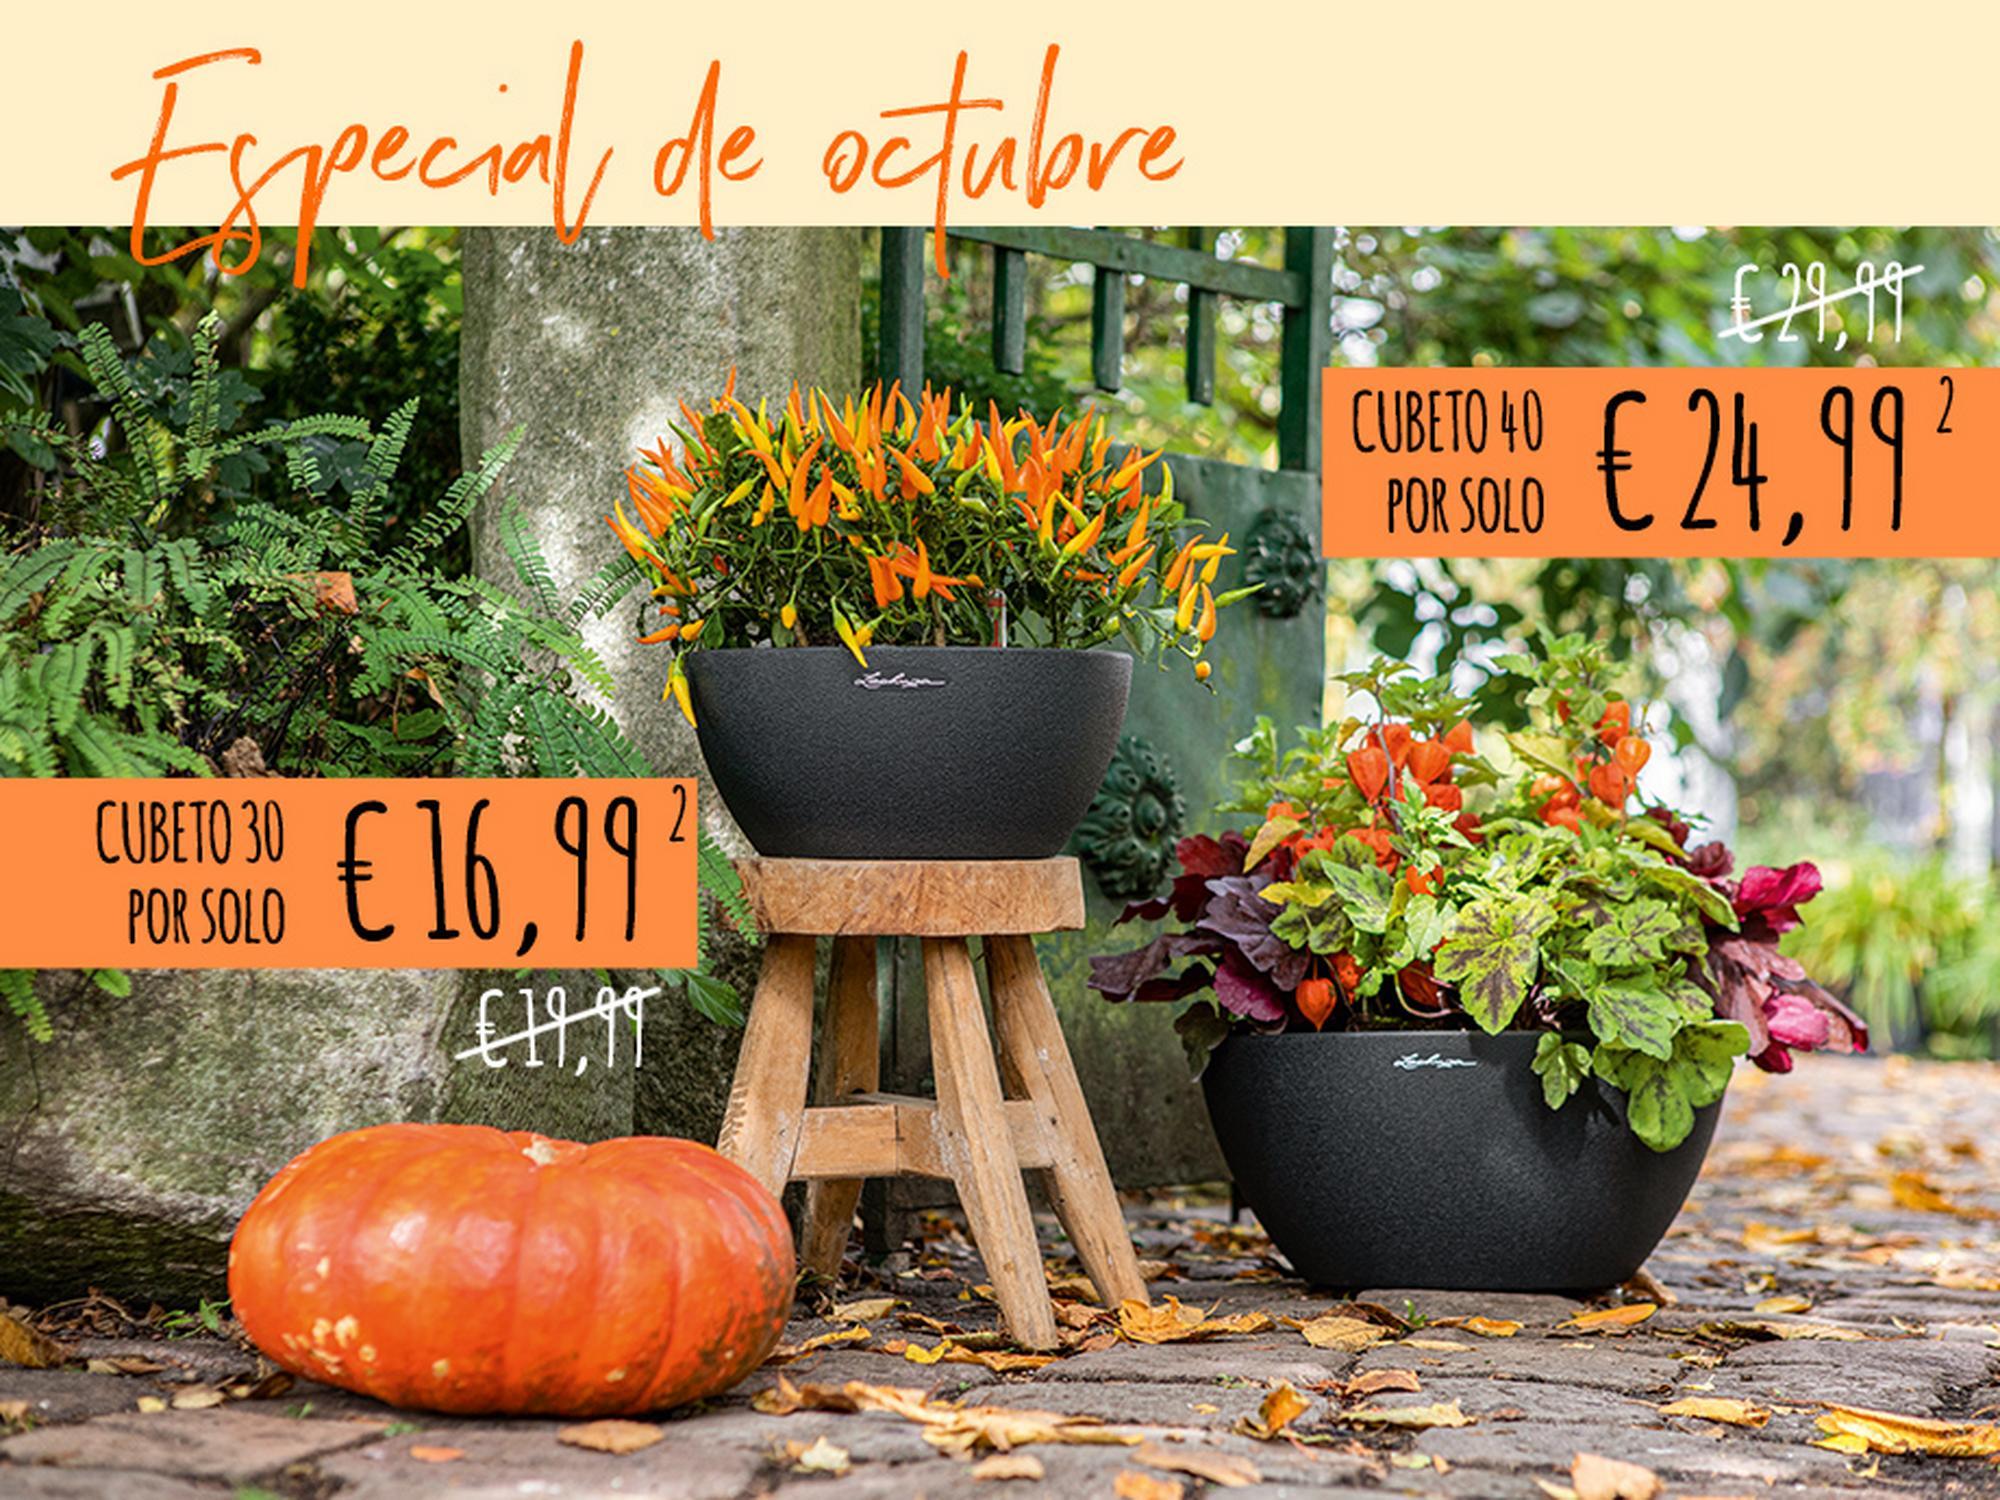 Descuentos de otoño en todas las CUBETO